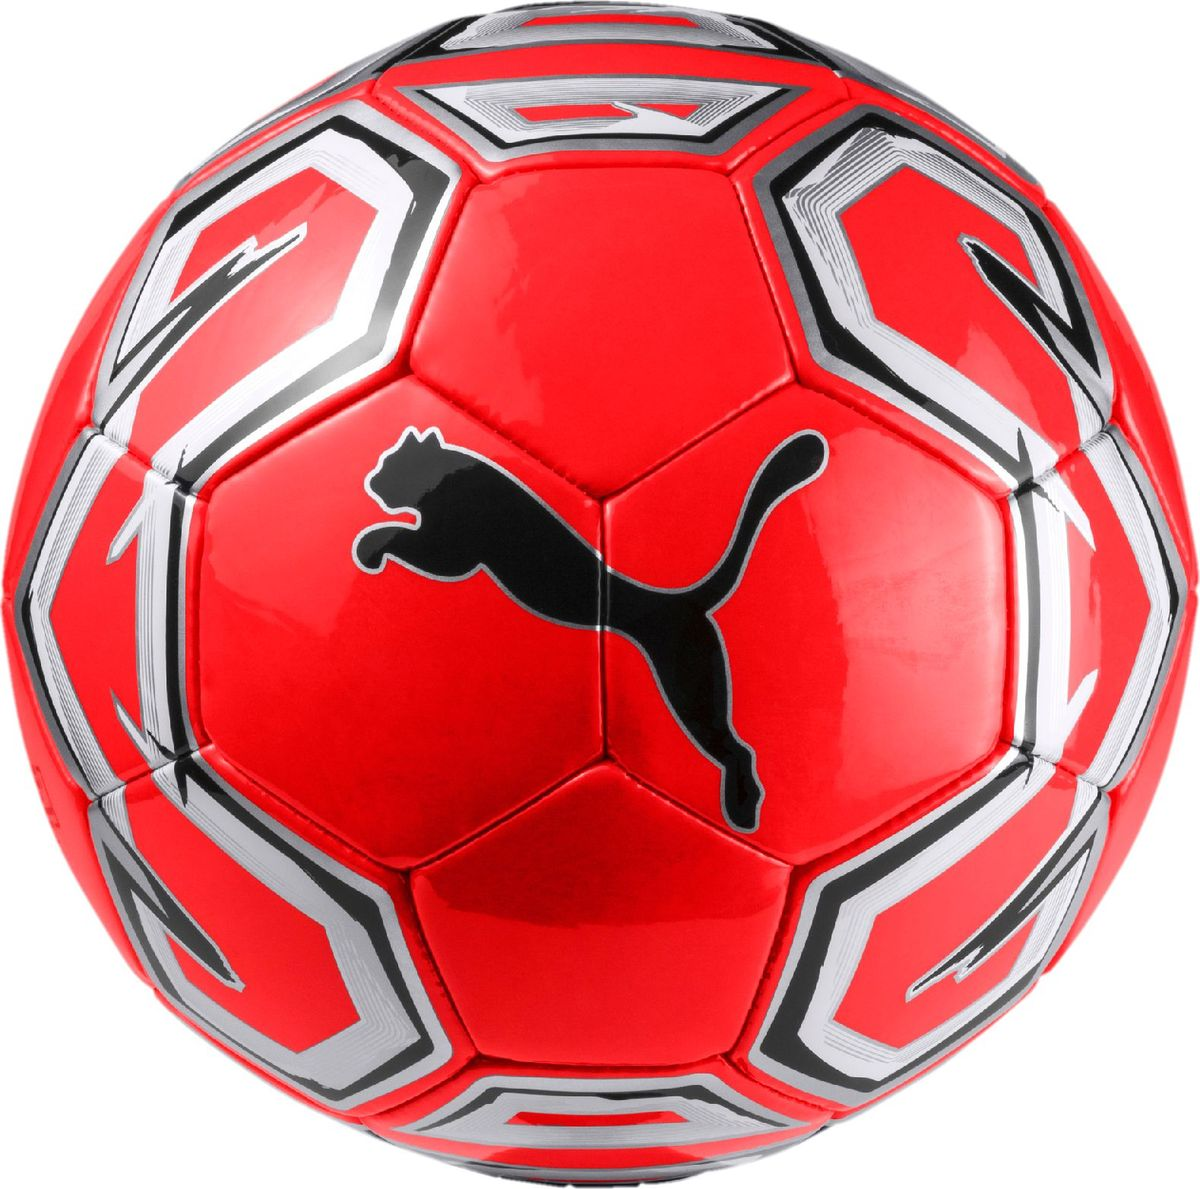 Мяч футбольный Puma Futsal 1 Trainer MS Ball, 08297404, красный, размер 4 оптимальный вариант оптимальный вариант рок и лирика рок коллекция